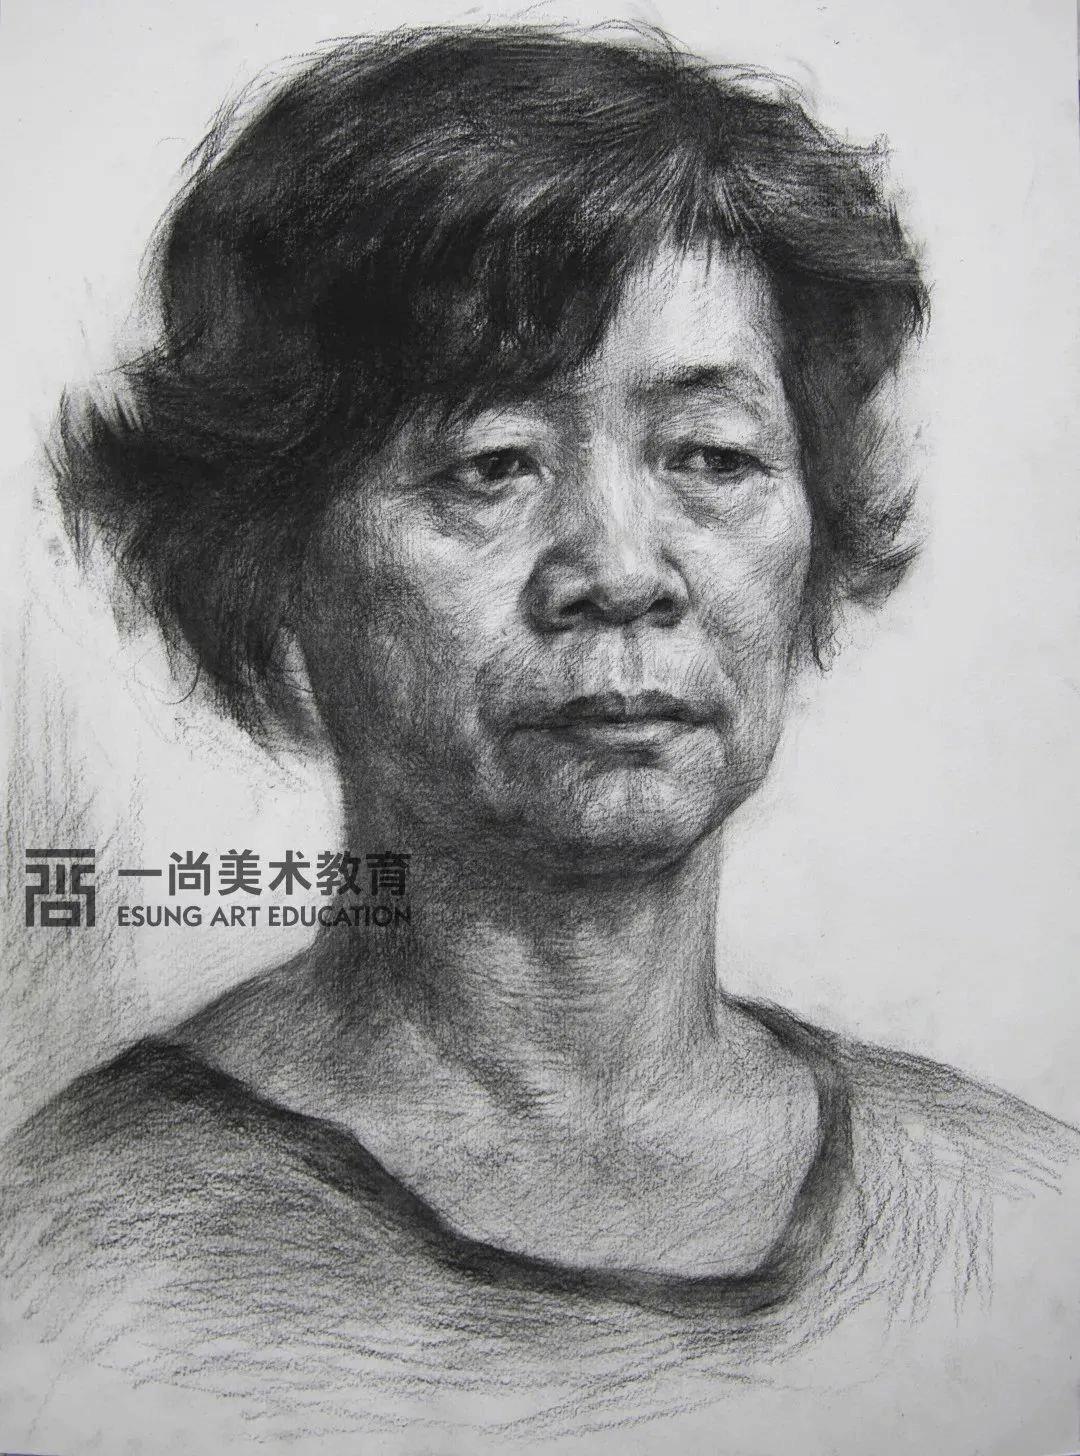 广州画室考题,素描头像